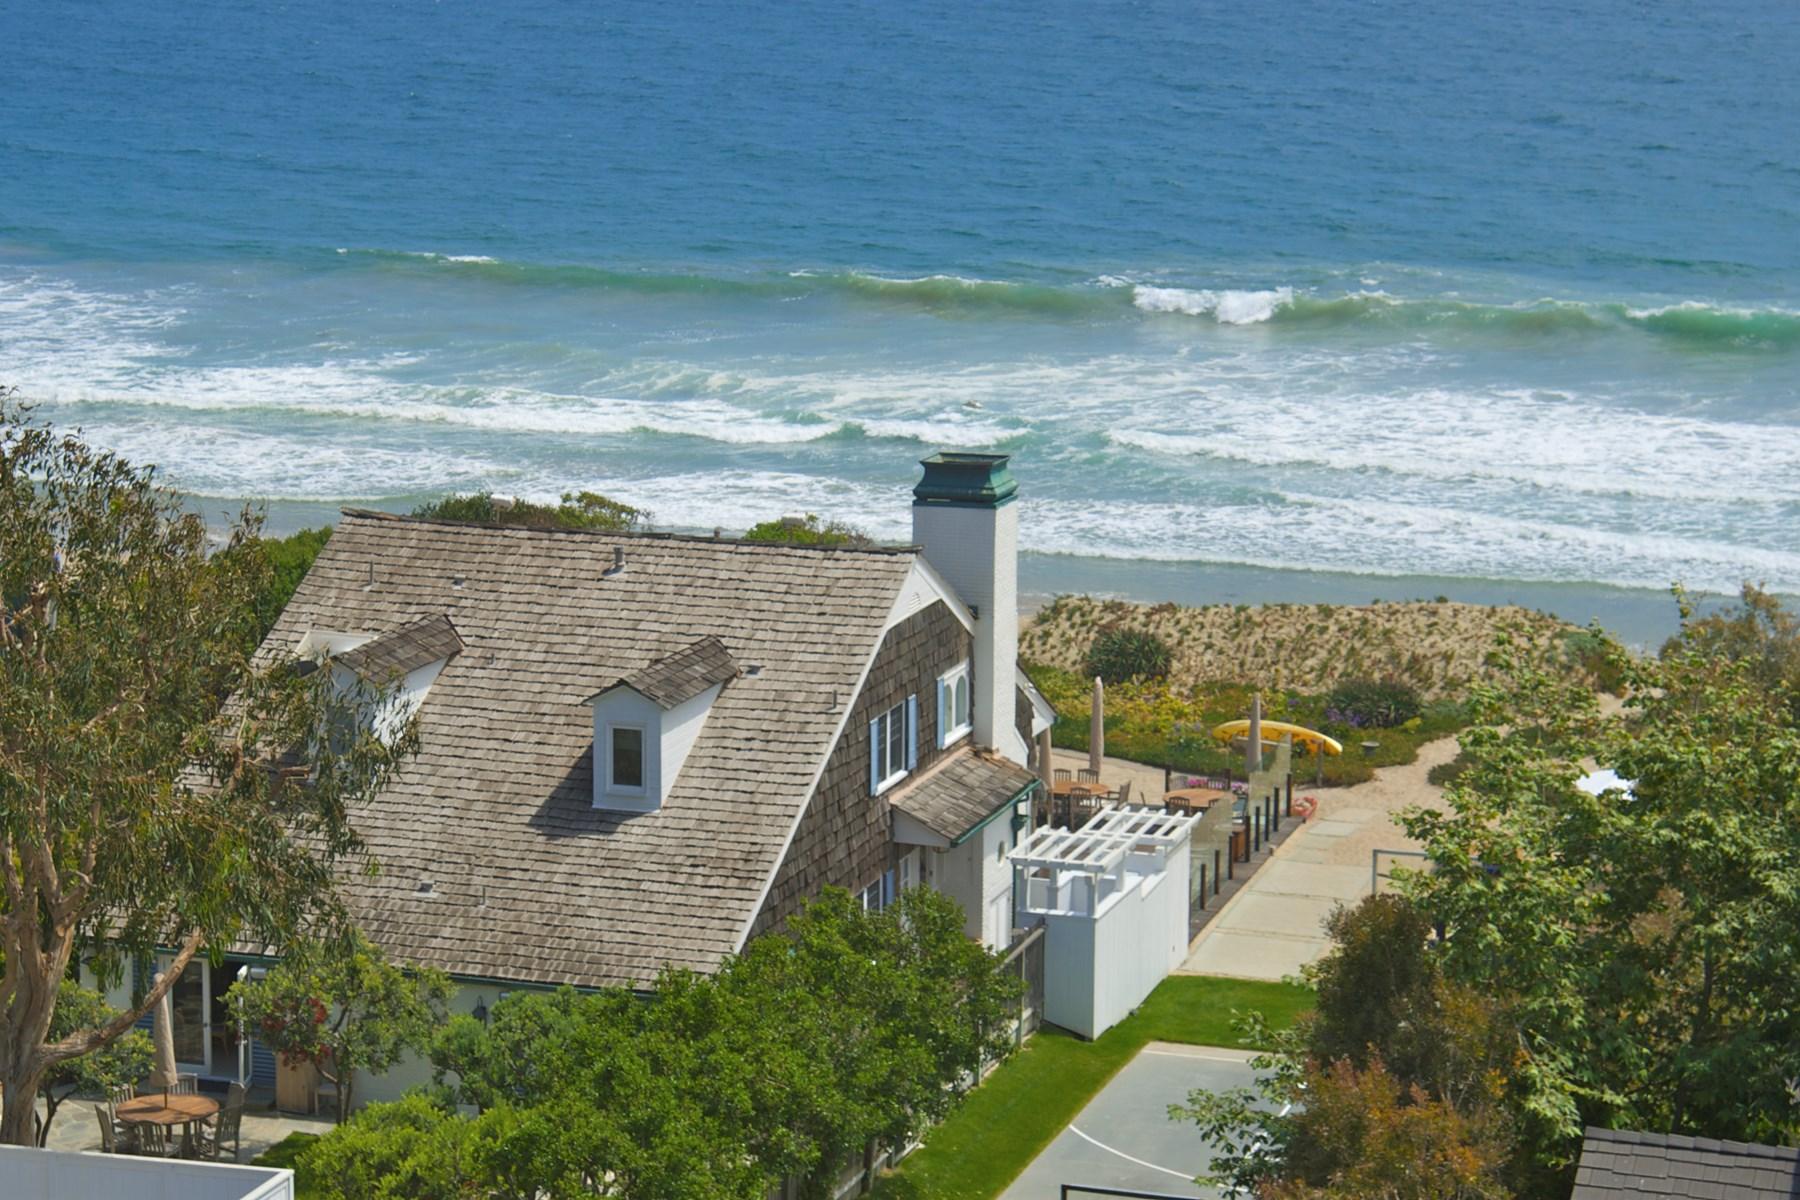 Maison unifamiliale pour l Location à Broad Beach Road Cape Cod Lease 31202 Broad Breach Rd Malibu, Californie, 90265 États-Unis